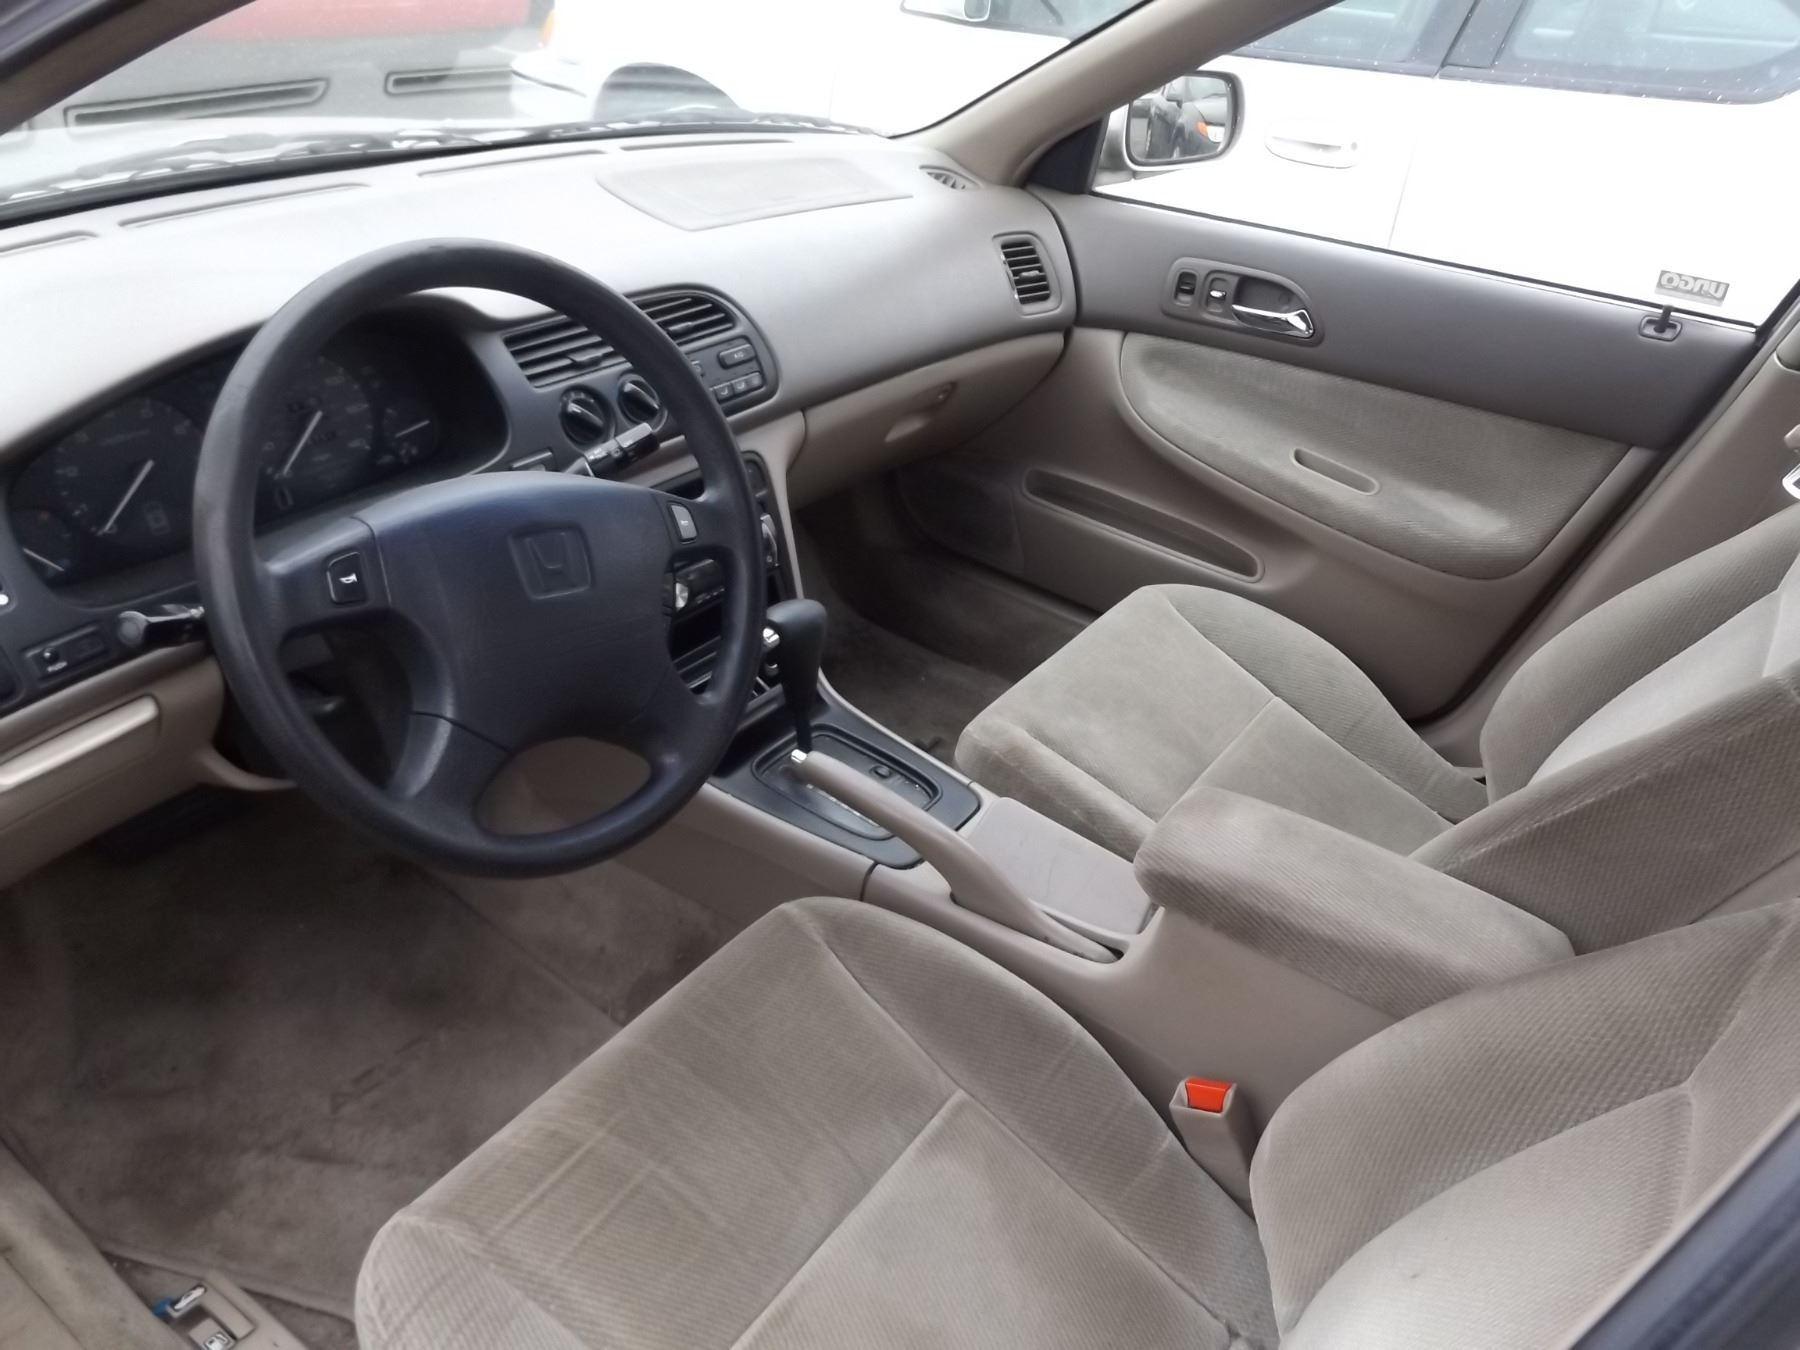 ... Image 4 : 1997 Honda Accord